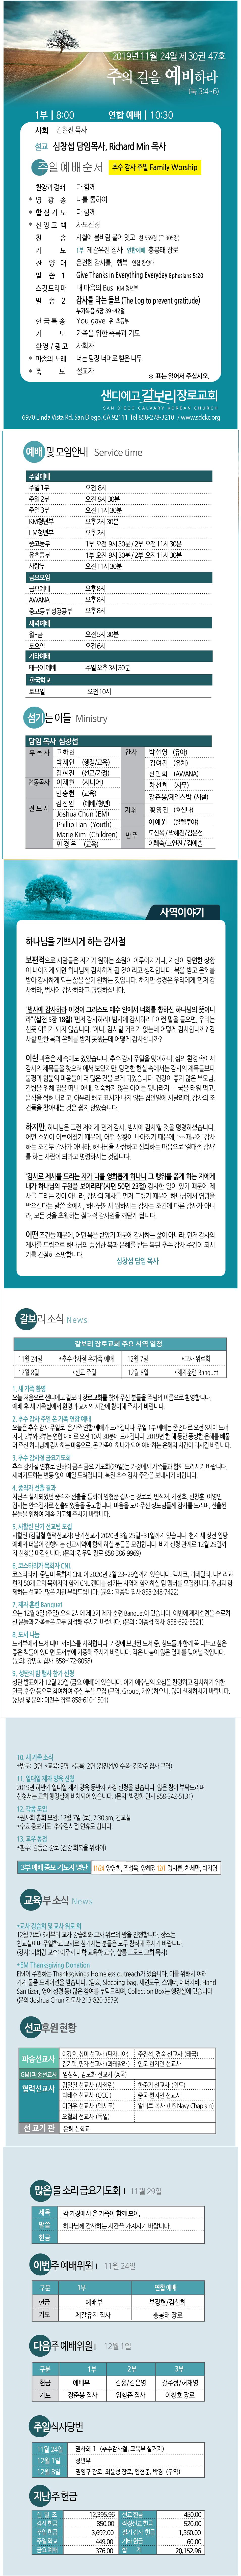 2019주보  11월4쨰주.png